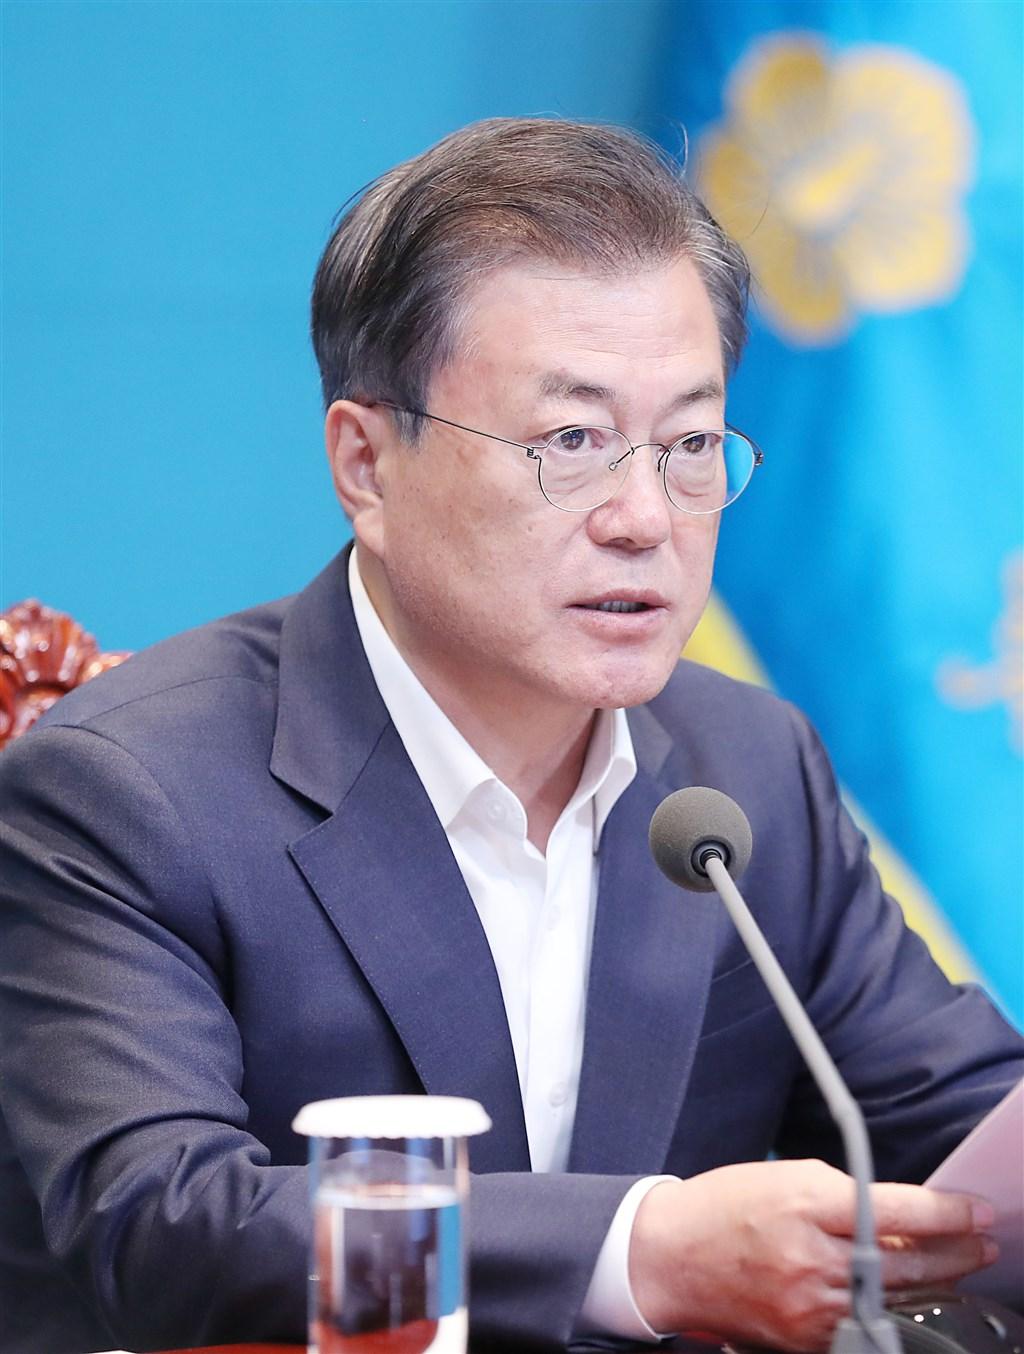 民意調查機構Realmeter 20日發布調查,韓國總統文在寅支持率上升4.4個百分點,來到18個月以來新高的58.3%。(韓聯社提供)